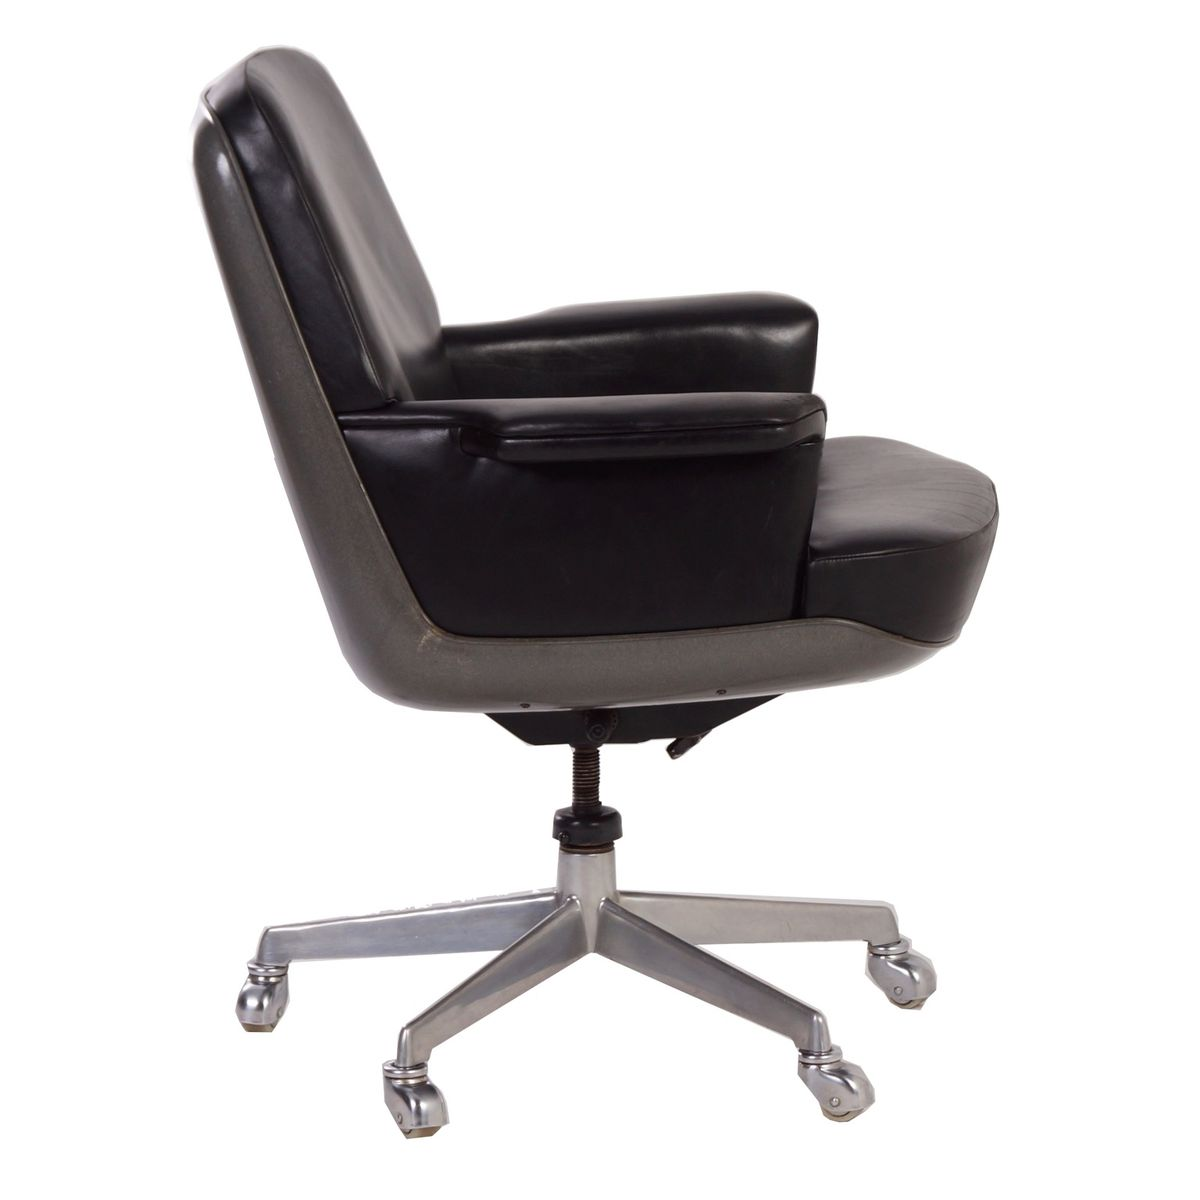 Chaise de bureau de wilkhahn 1970s en vente sur pamono - Solde chaise de bureau ...